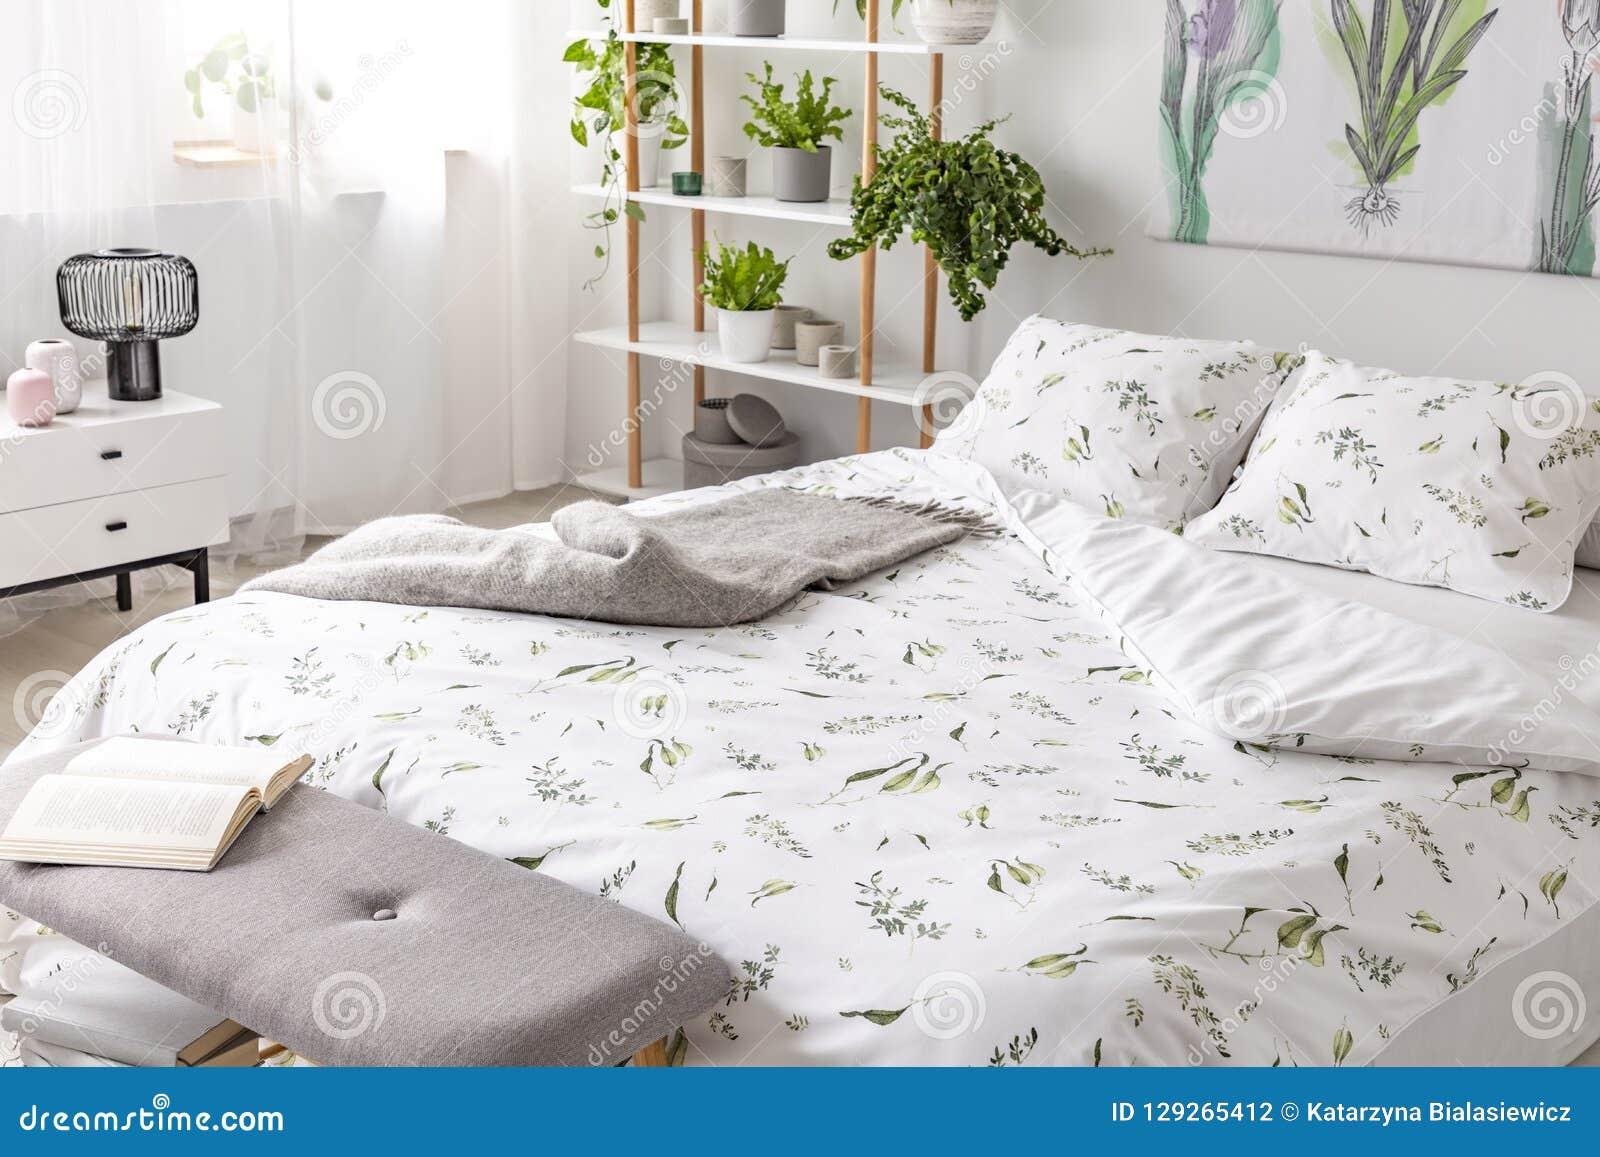 Modello della pianta verde su lettiera bianca e cuscini su un letto in un interno di amore della camera da letto della natura